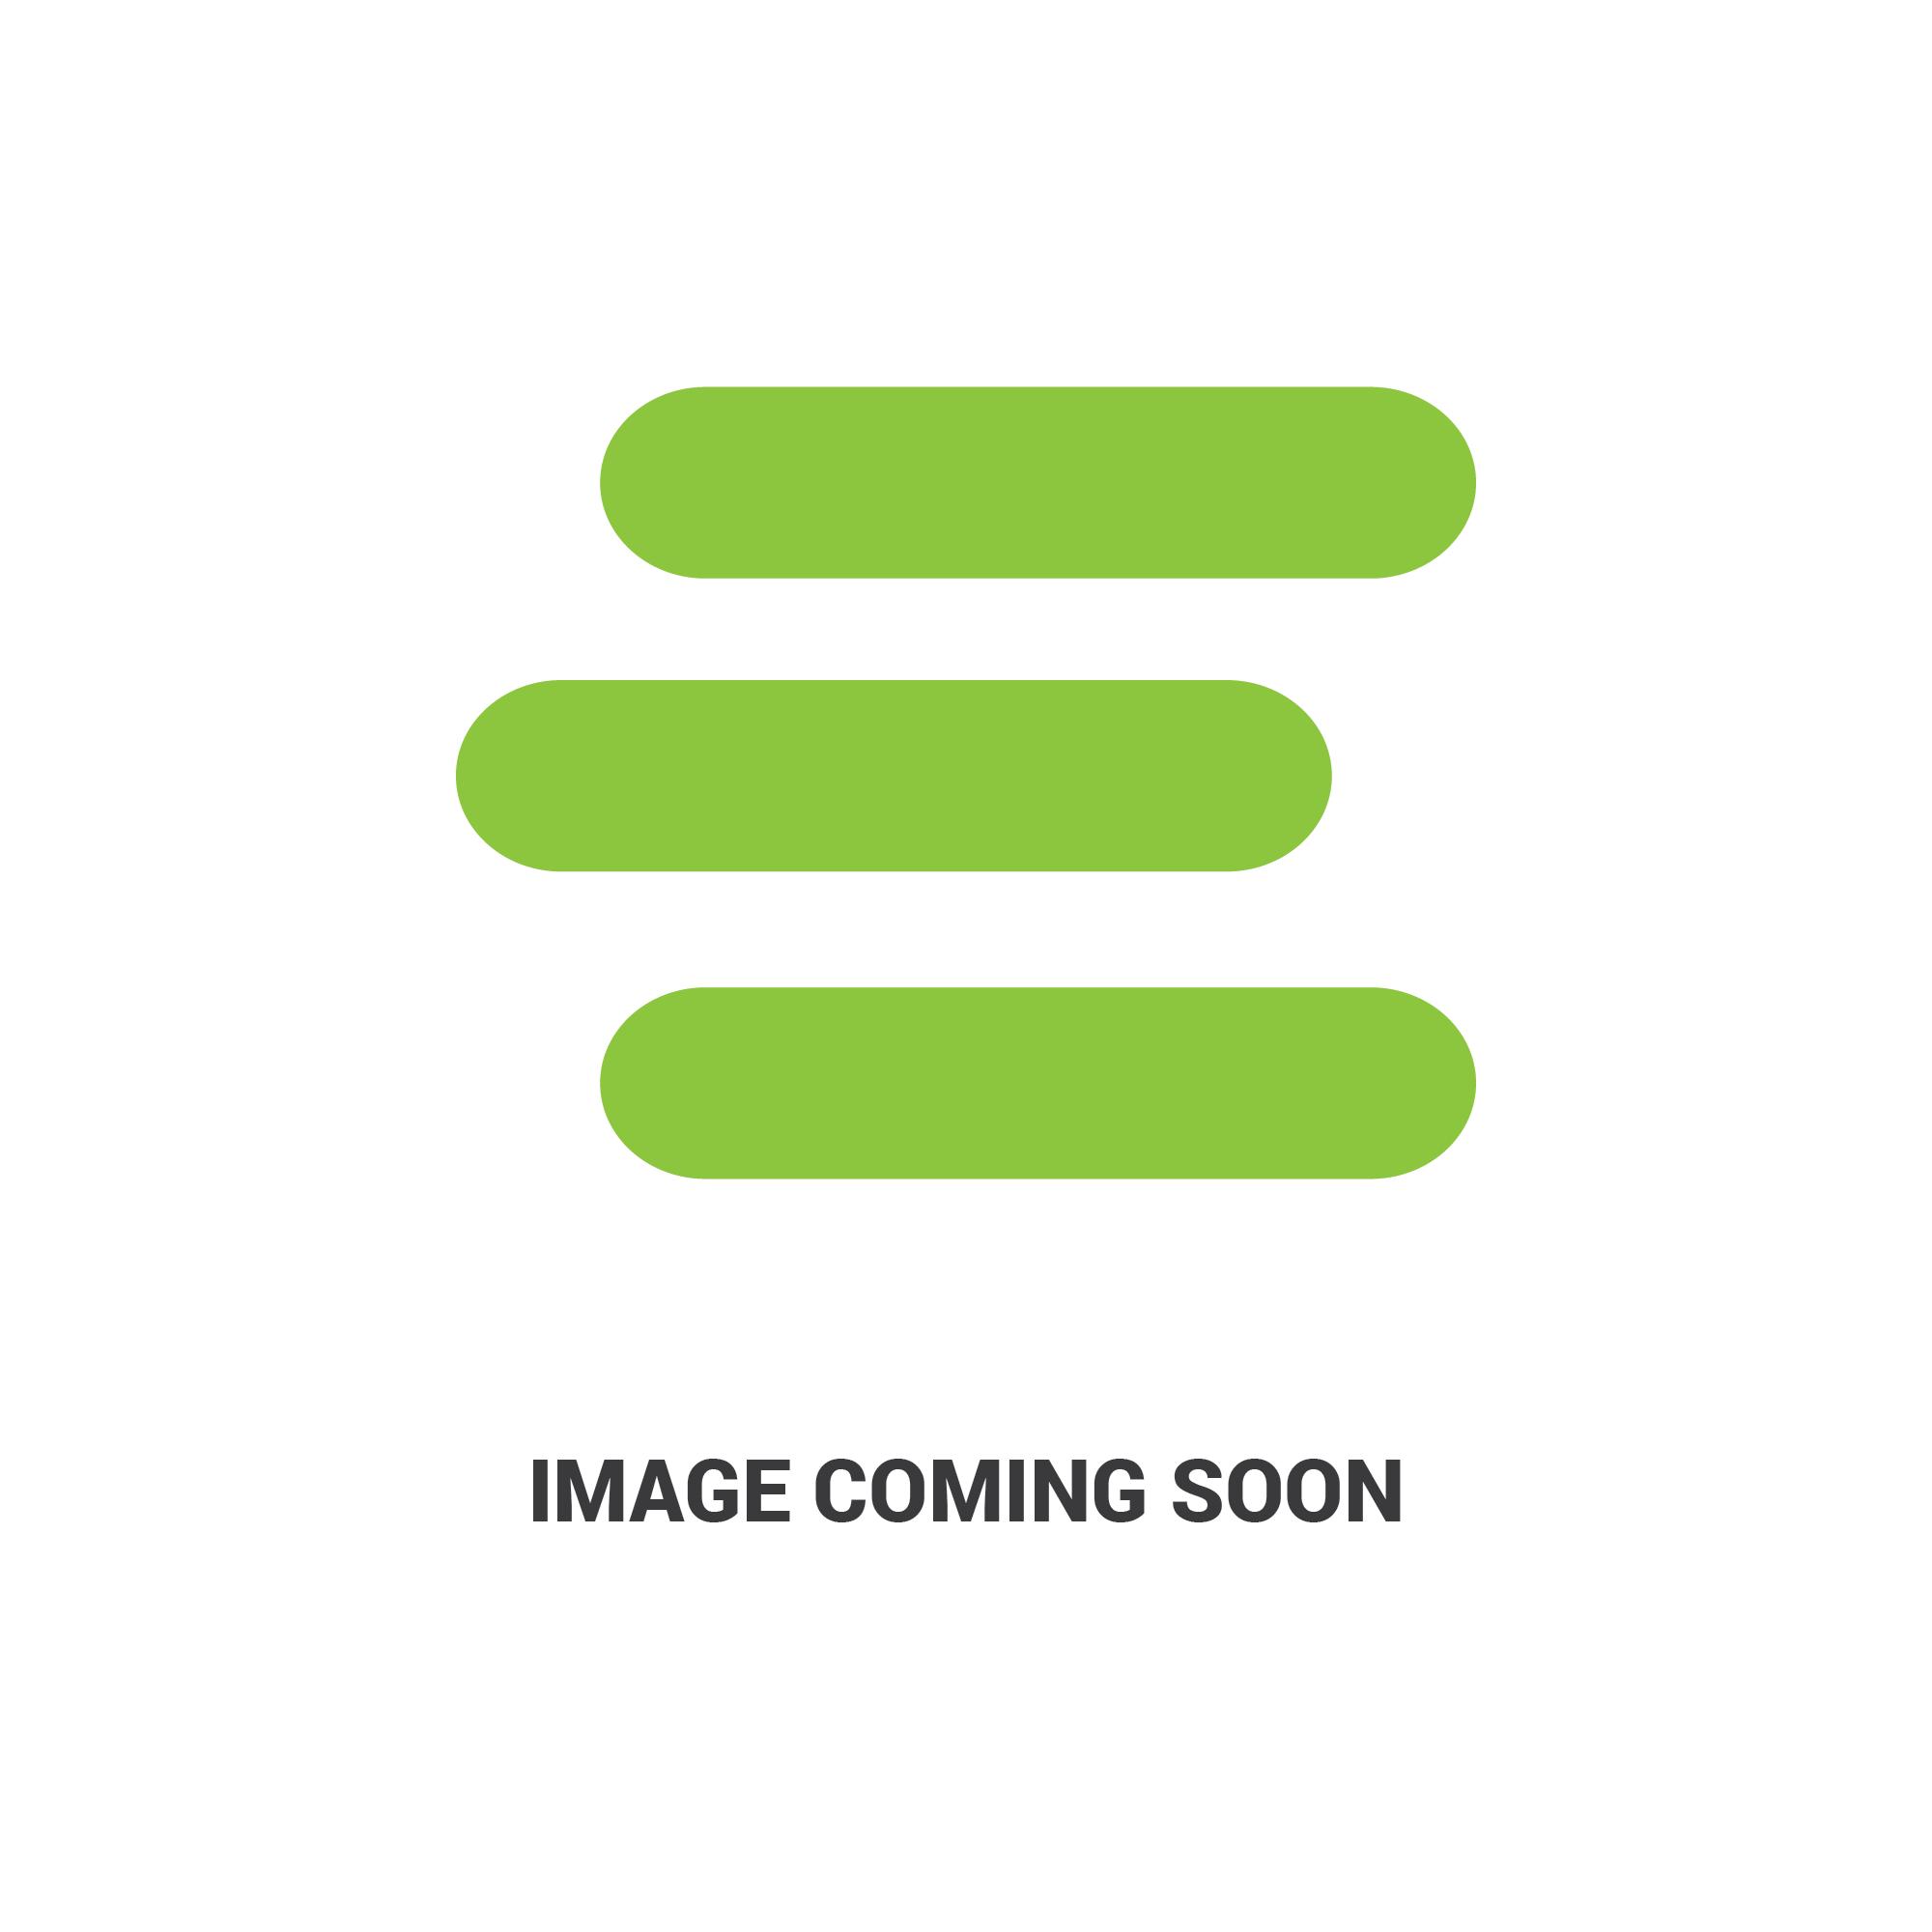 E-3A021-44520edit 1.jpg